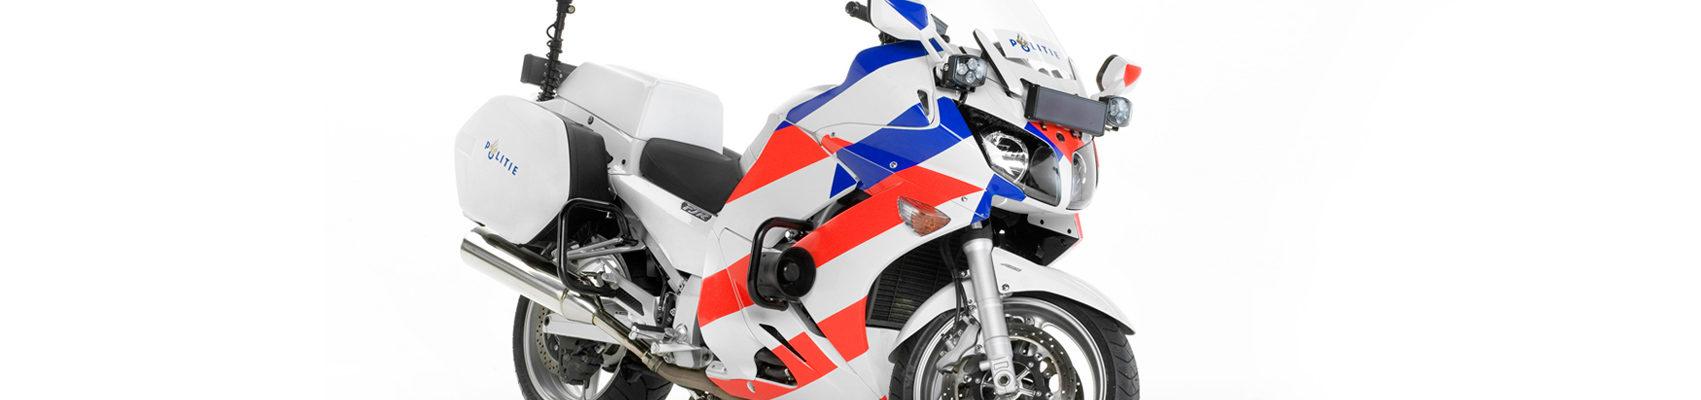 elargisseur tête de fourche - Page 2 Schurgers-Design_Yamaha-FJR-Politie-1-1701x400